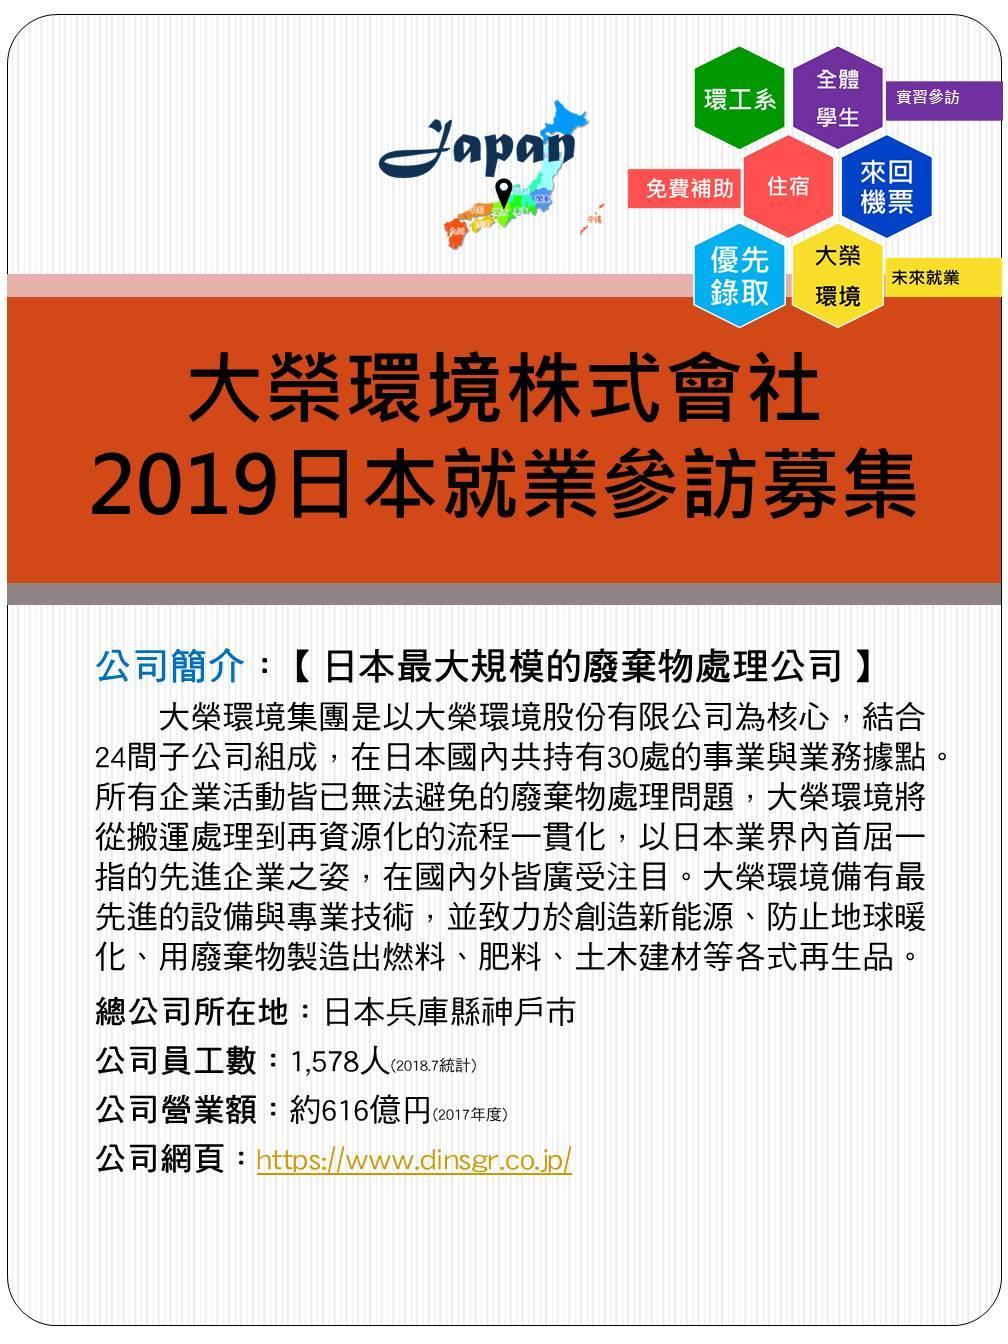 2019日本大榮公司就業參訪募集(發佈日期2019-02-25)